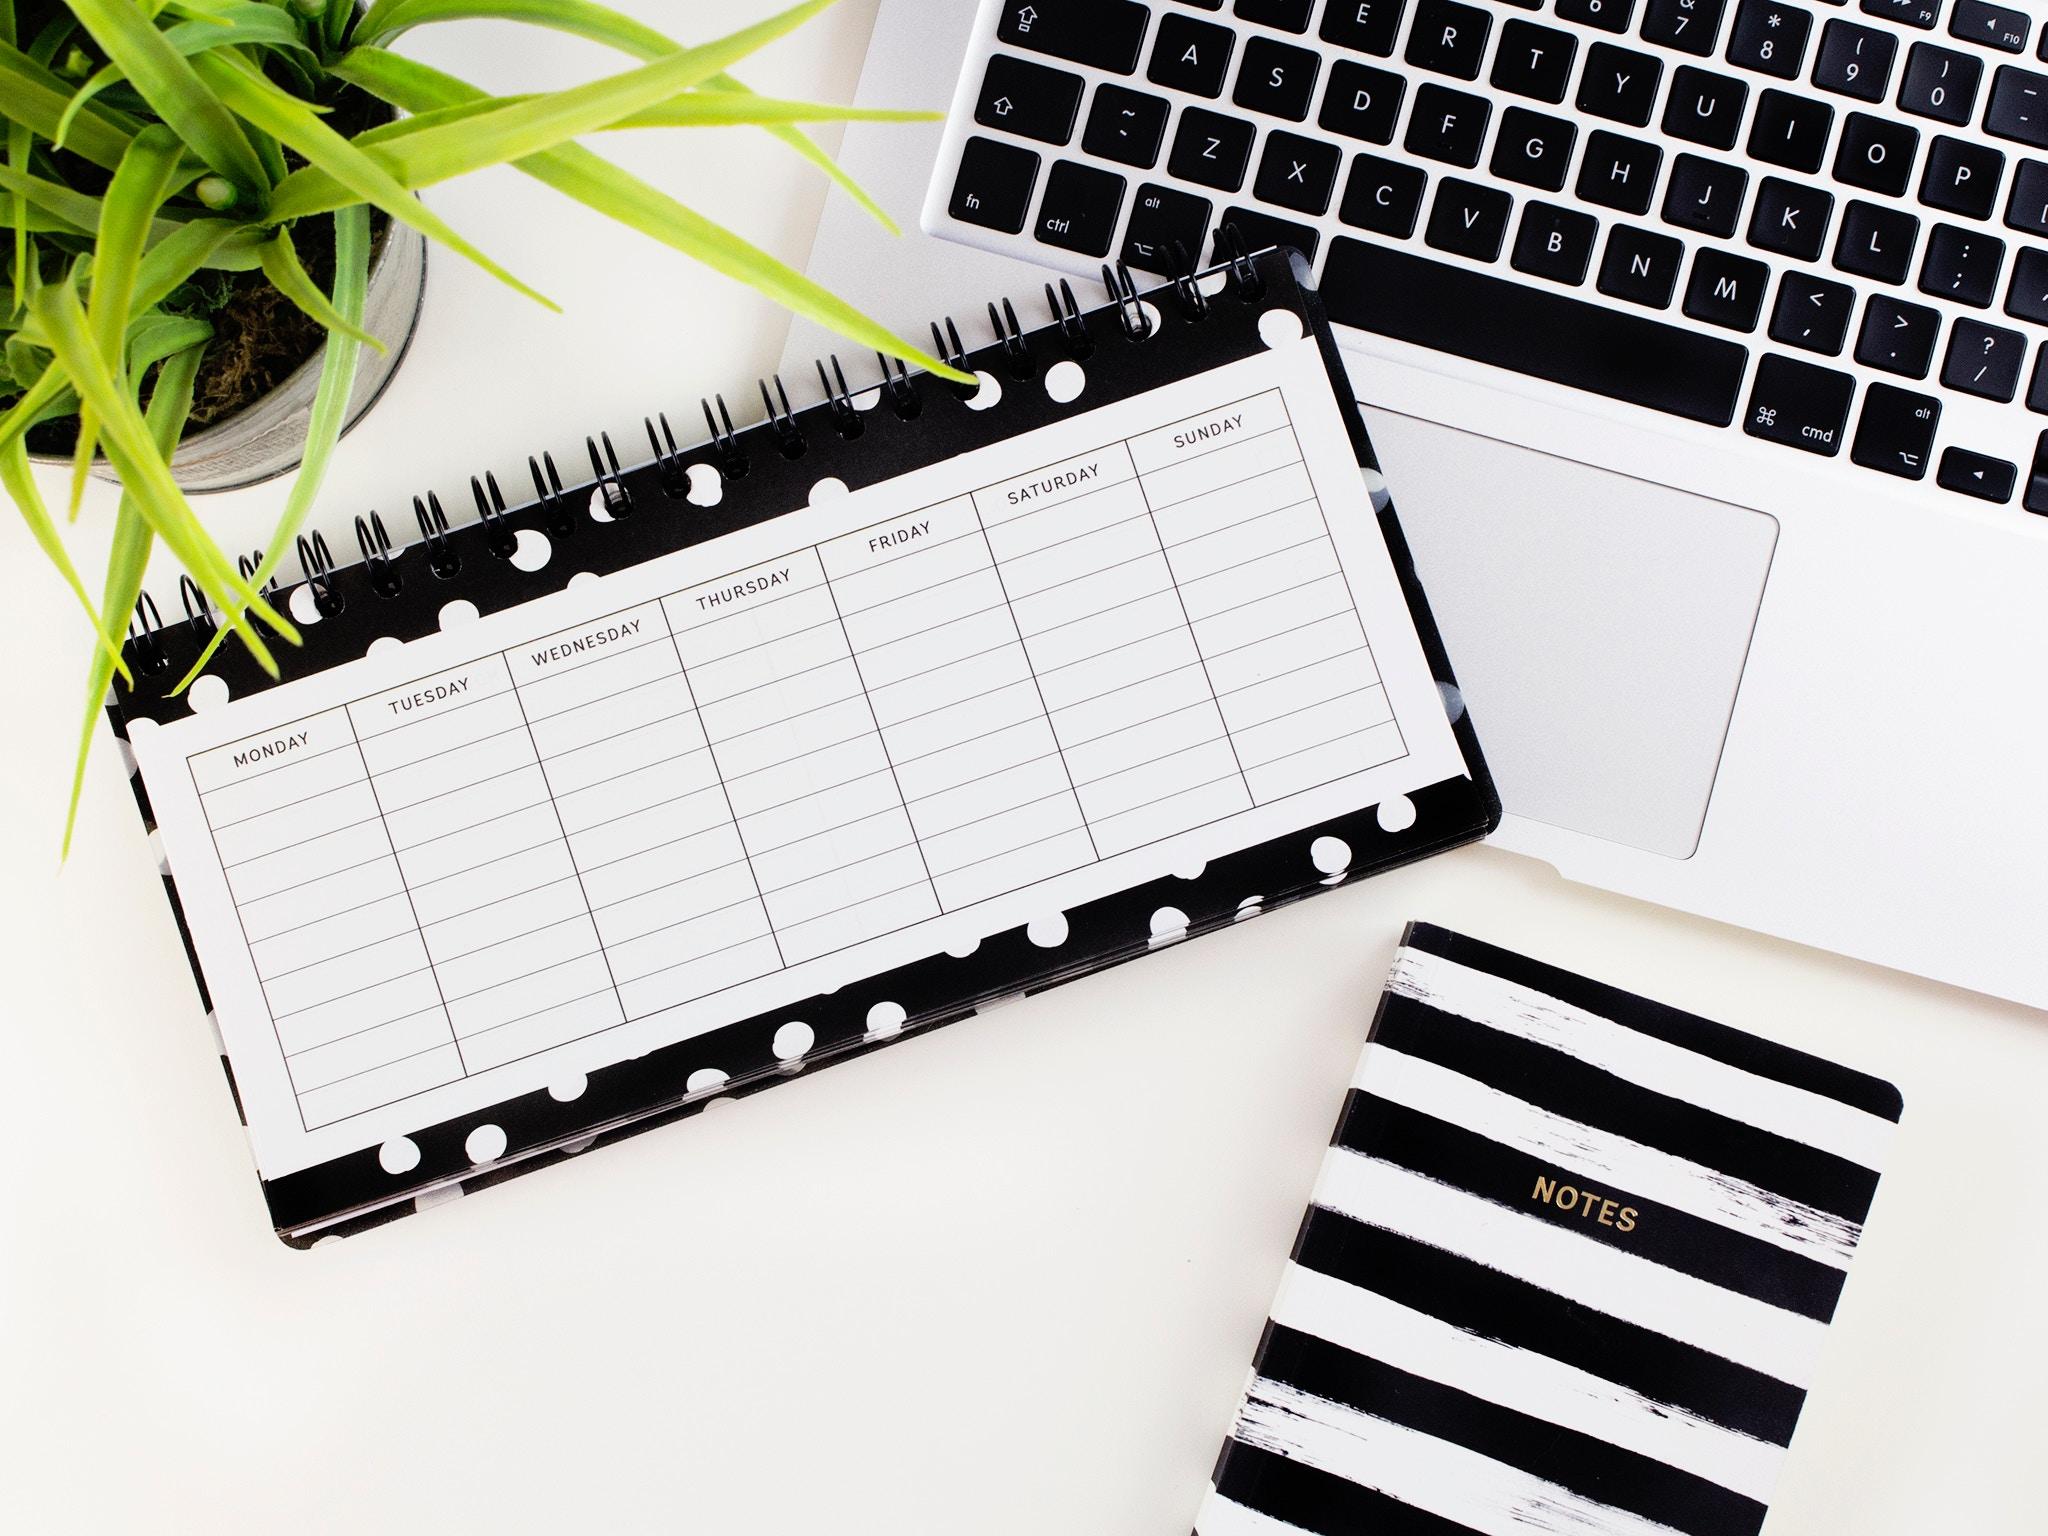 10 conseils d'organisation que je retiens de La 25ème heure, de Jérôme Dumont, Bao Dinh et Guillaume Declair